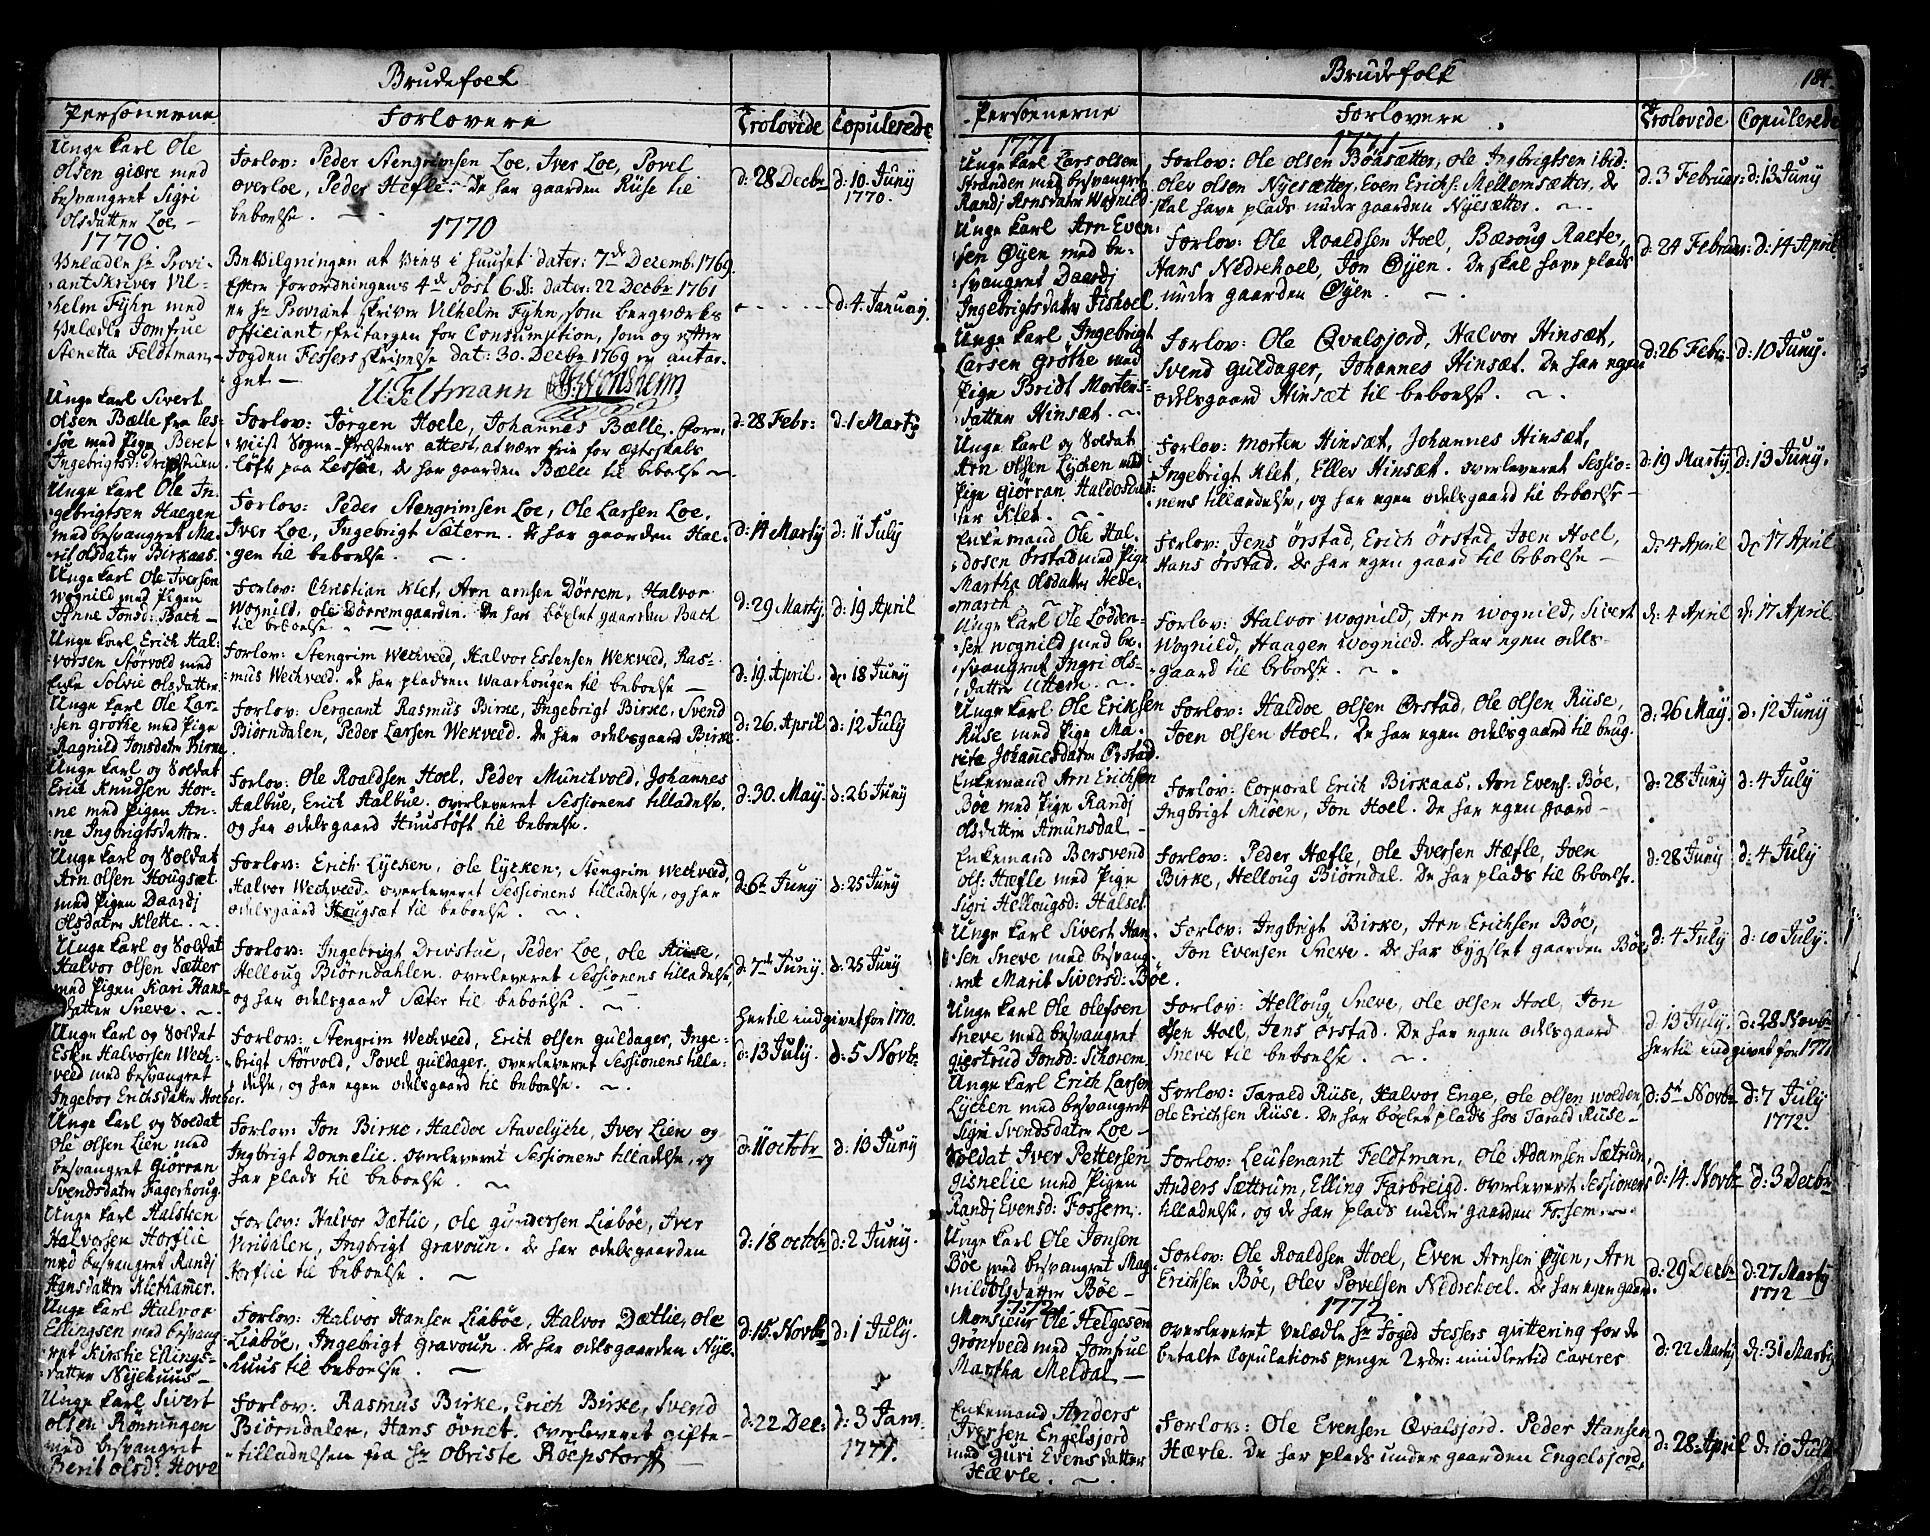 SAT, Ministerialprotokoller, klokkerbøker og fødselsregistre - Sør-Trøndelag, 678/L0891: Ministerialbok nr. 678A01, 1739-1780, s. 184a